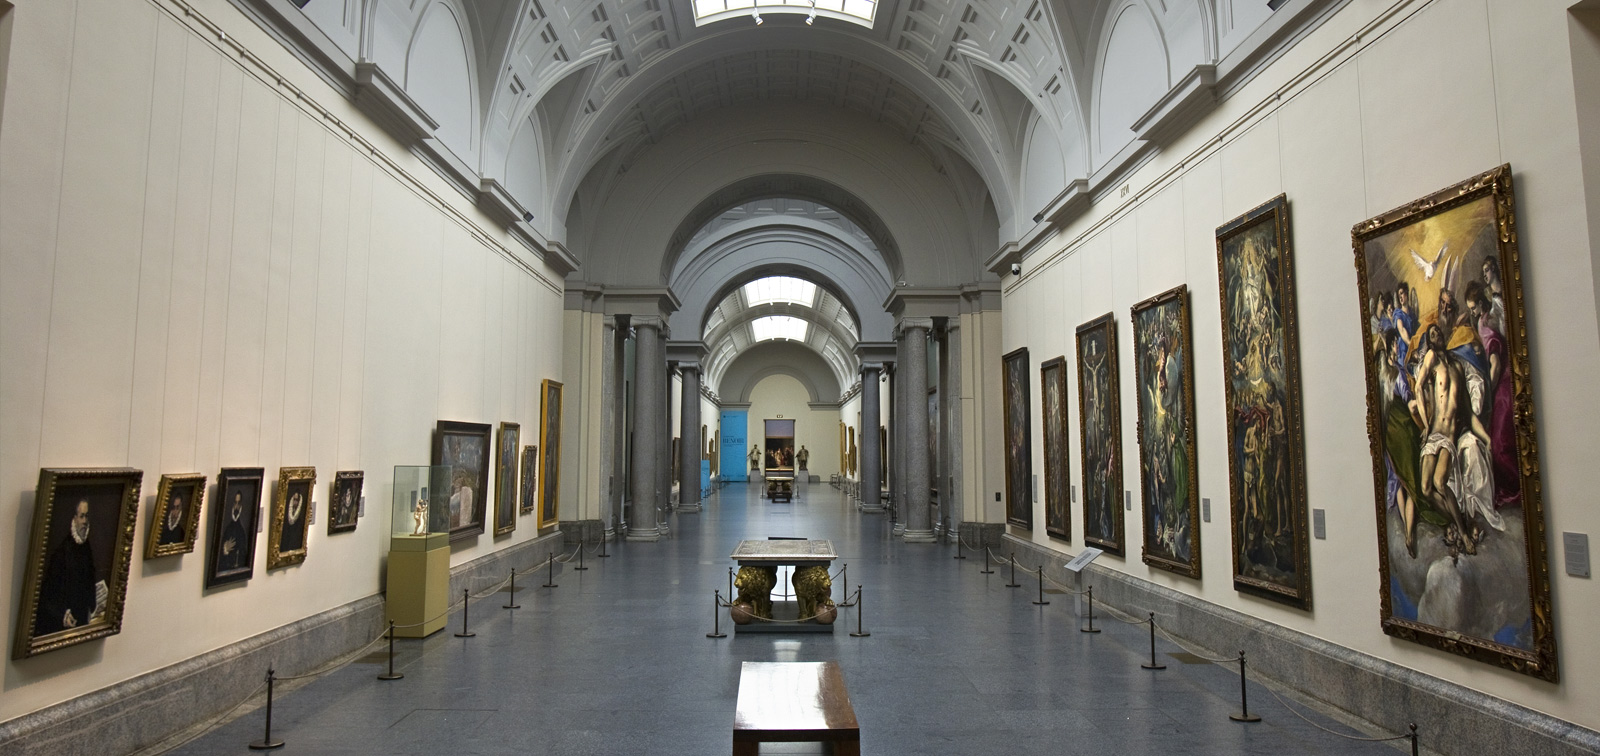 Beca 2020 Senado de España de formación e investigación en el Área de Conservación de Pintura del siglo XIX del Museo Nacional del Prado